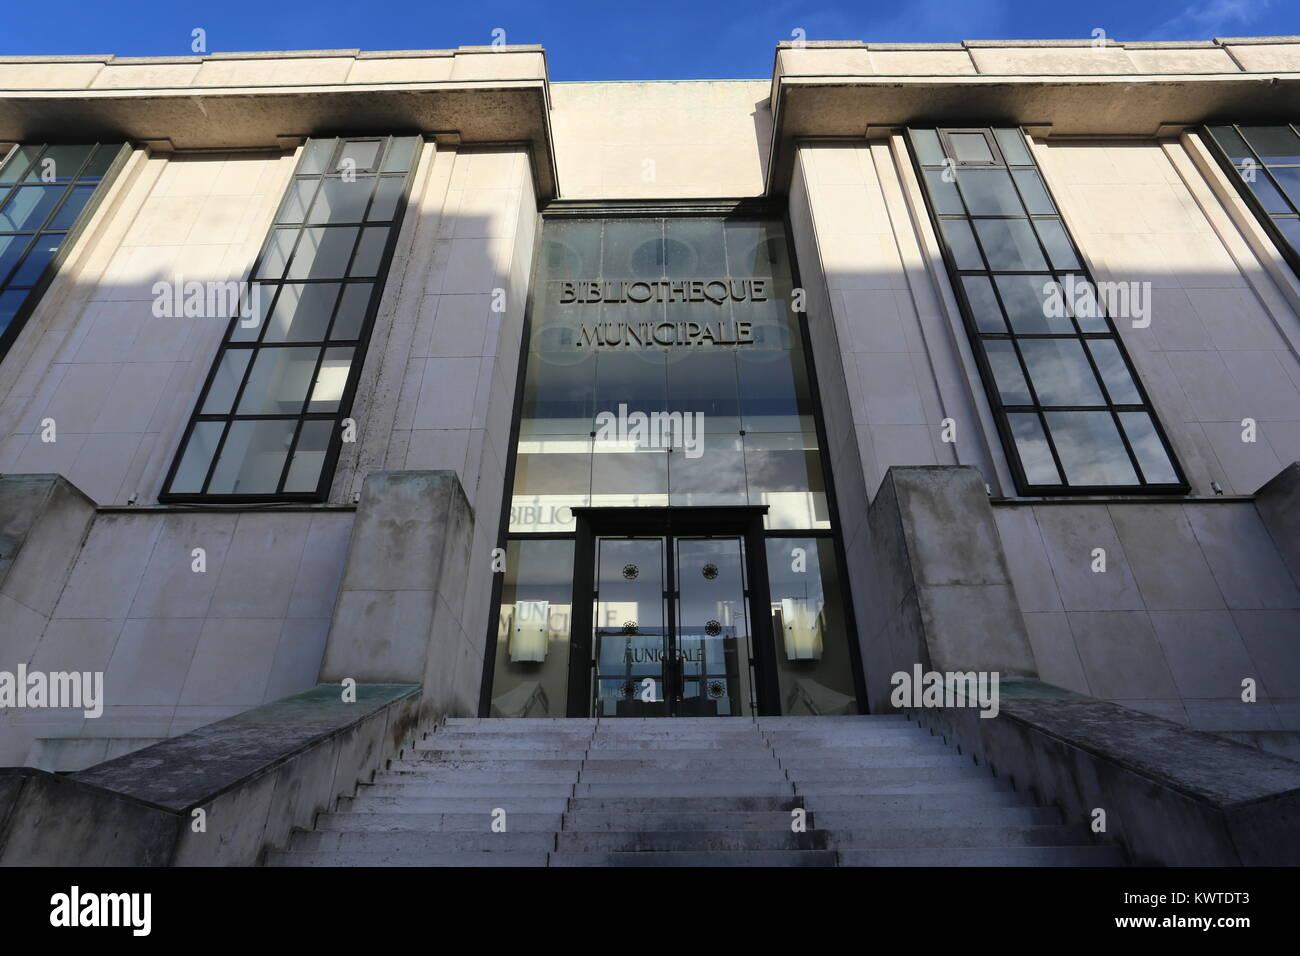 https www alamyimages fr photo image l exterieur de la bibliotheque municipale tours france decembre 2017 170797427 html